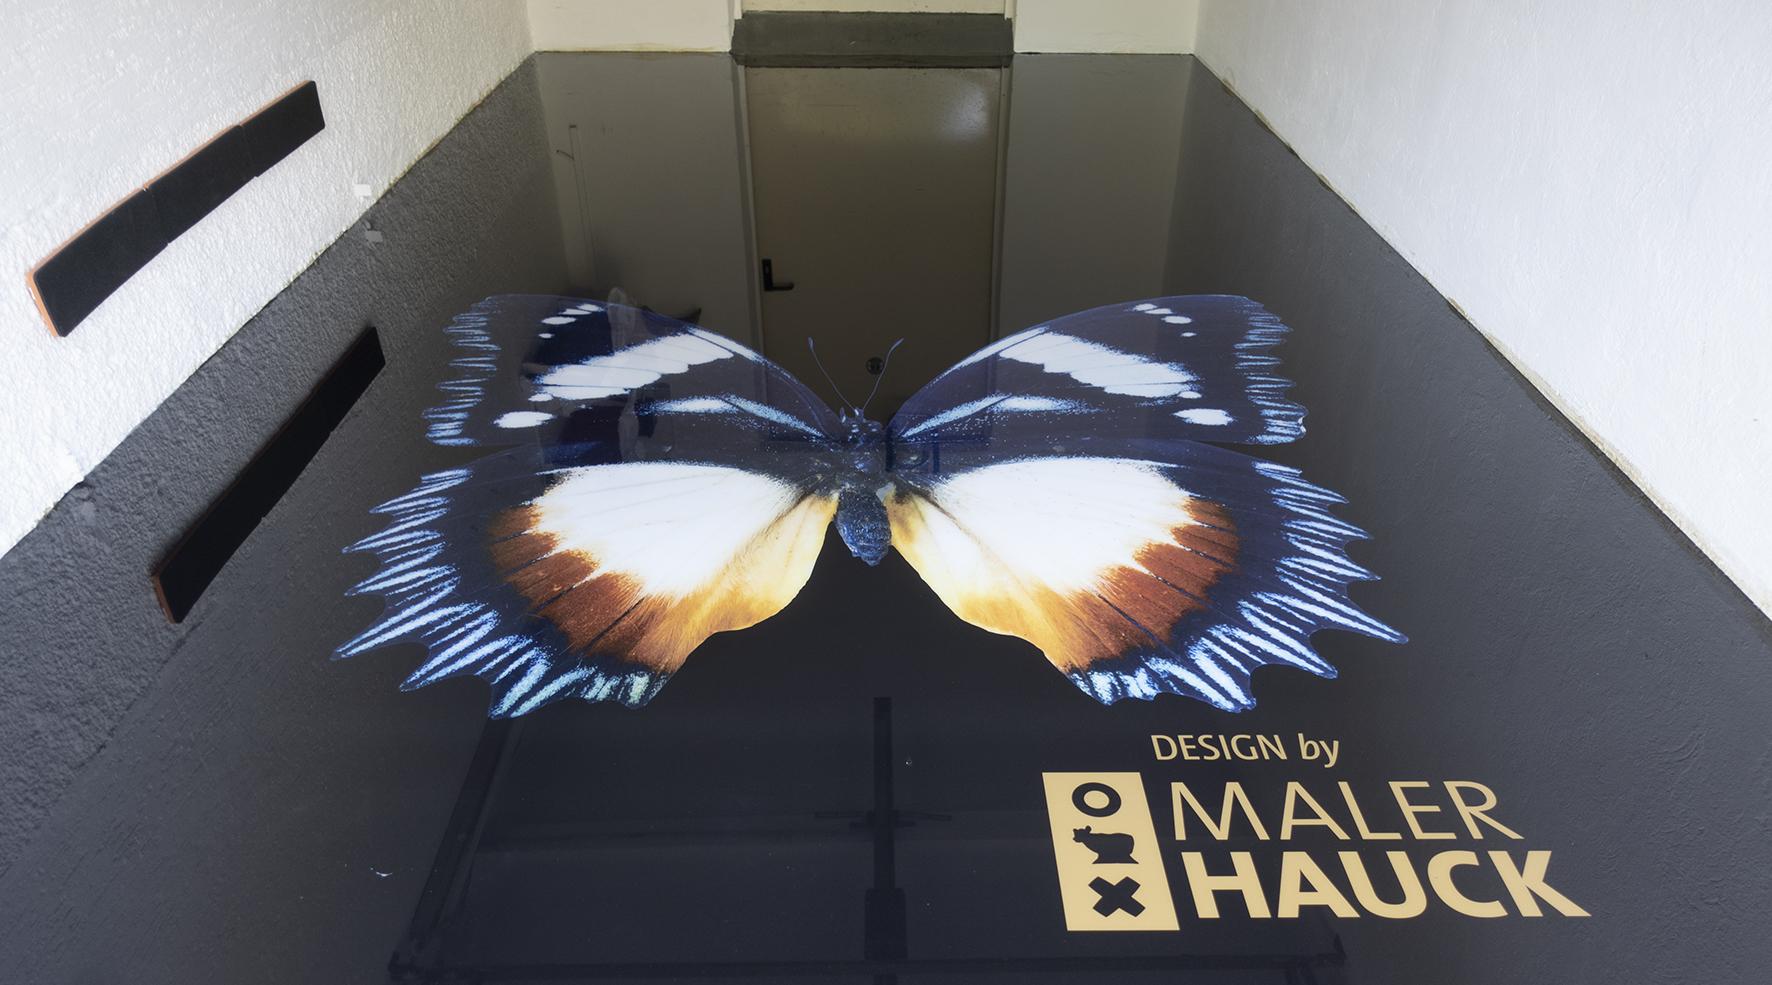 Malerhauck Schmetterlingmotiv 3DBoden